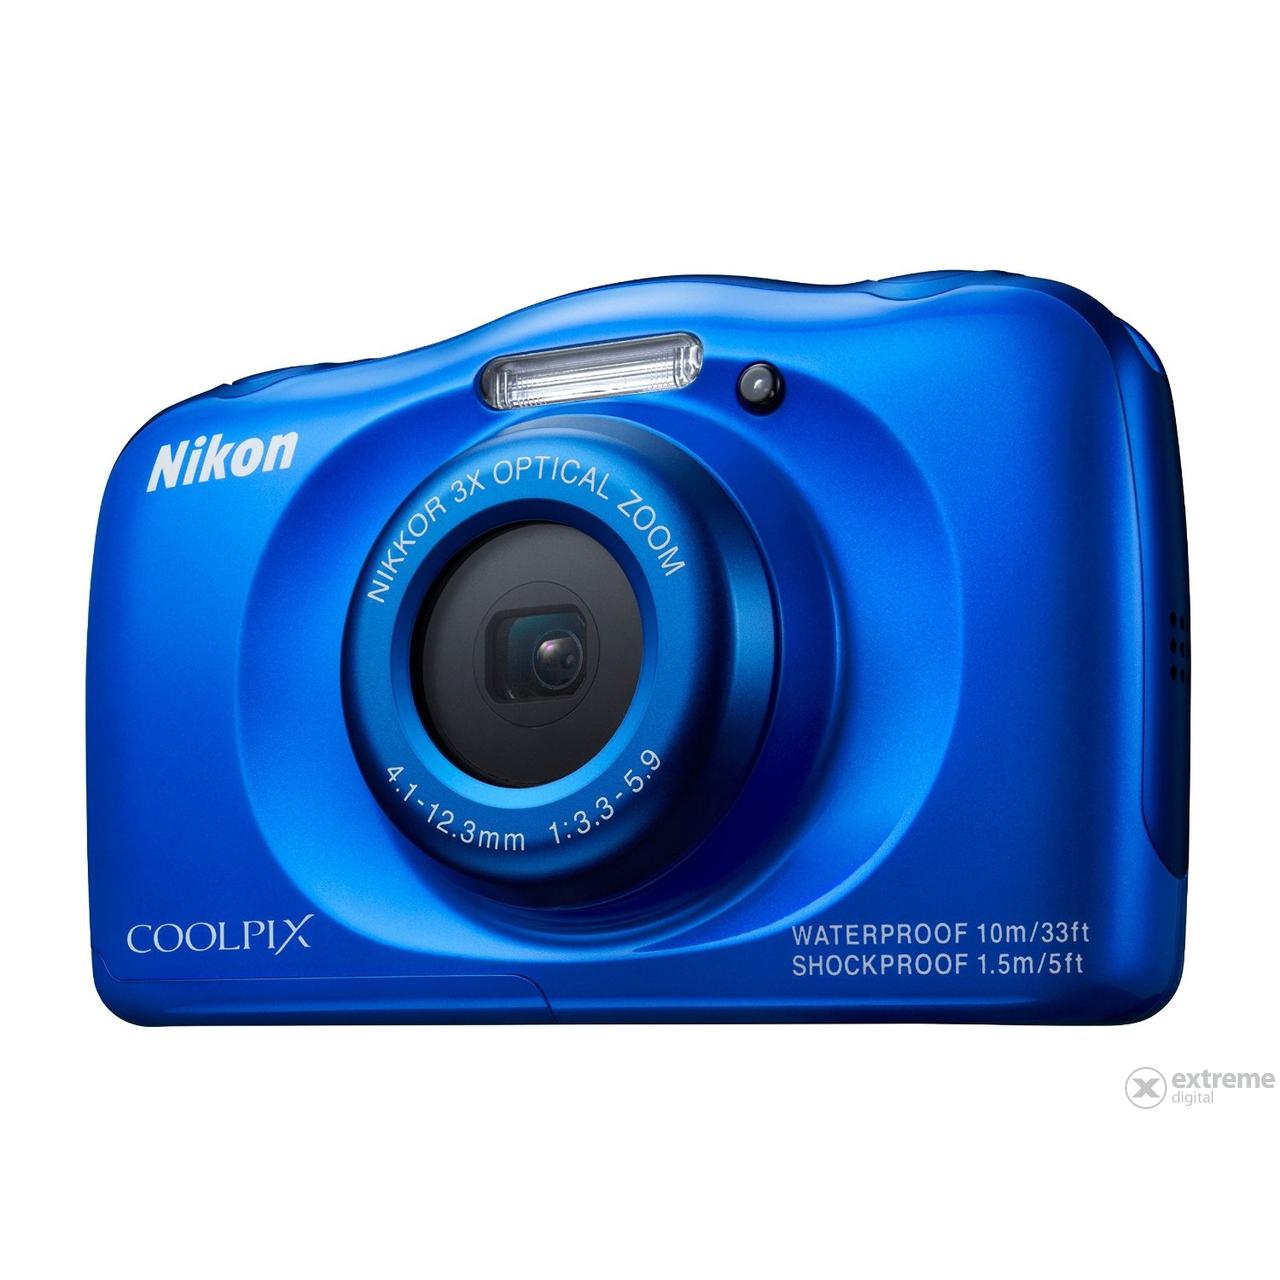 a2019c8eed38 Nikon Coolpix S33 fényképezőgép + hátizsák, kék | Extreme Digital